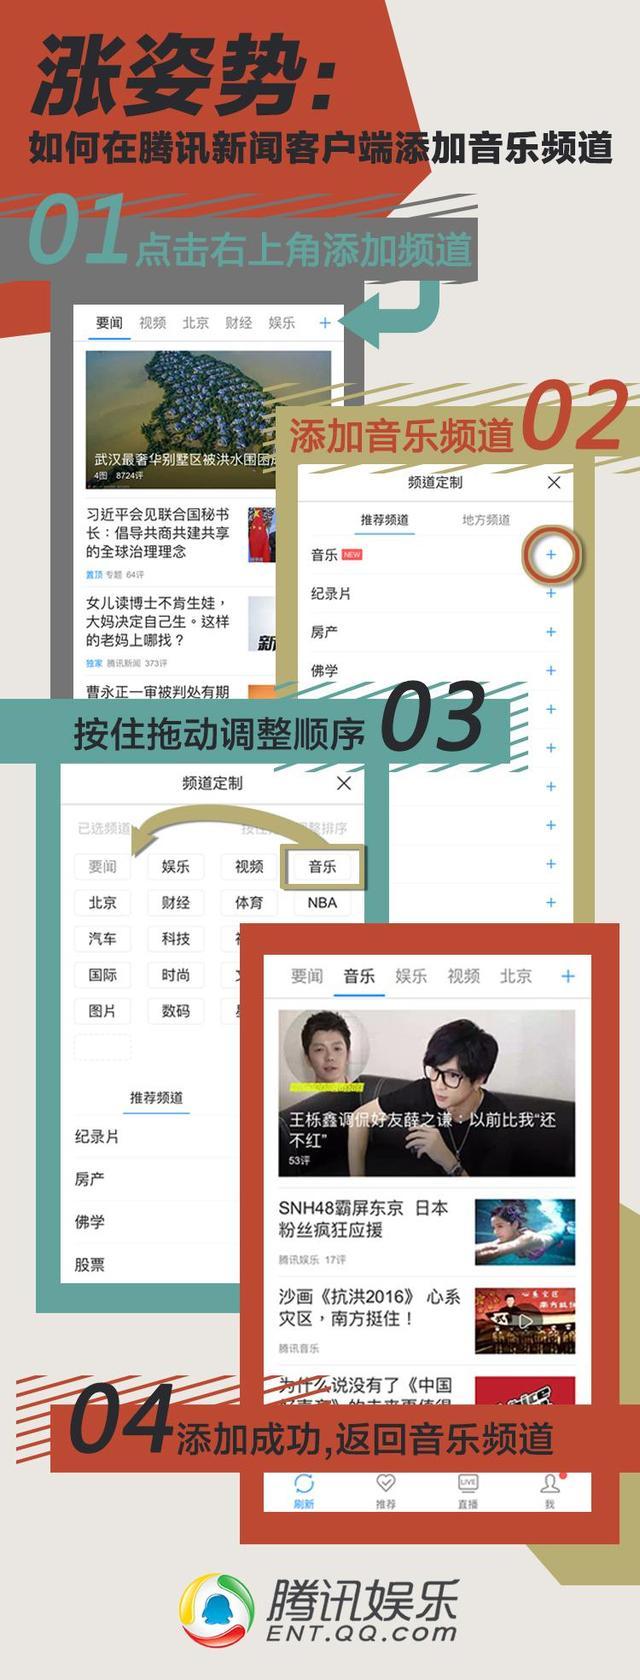 陈绮贞演唱会影音记录发布 行走的花唱时间的歌